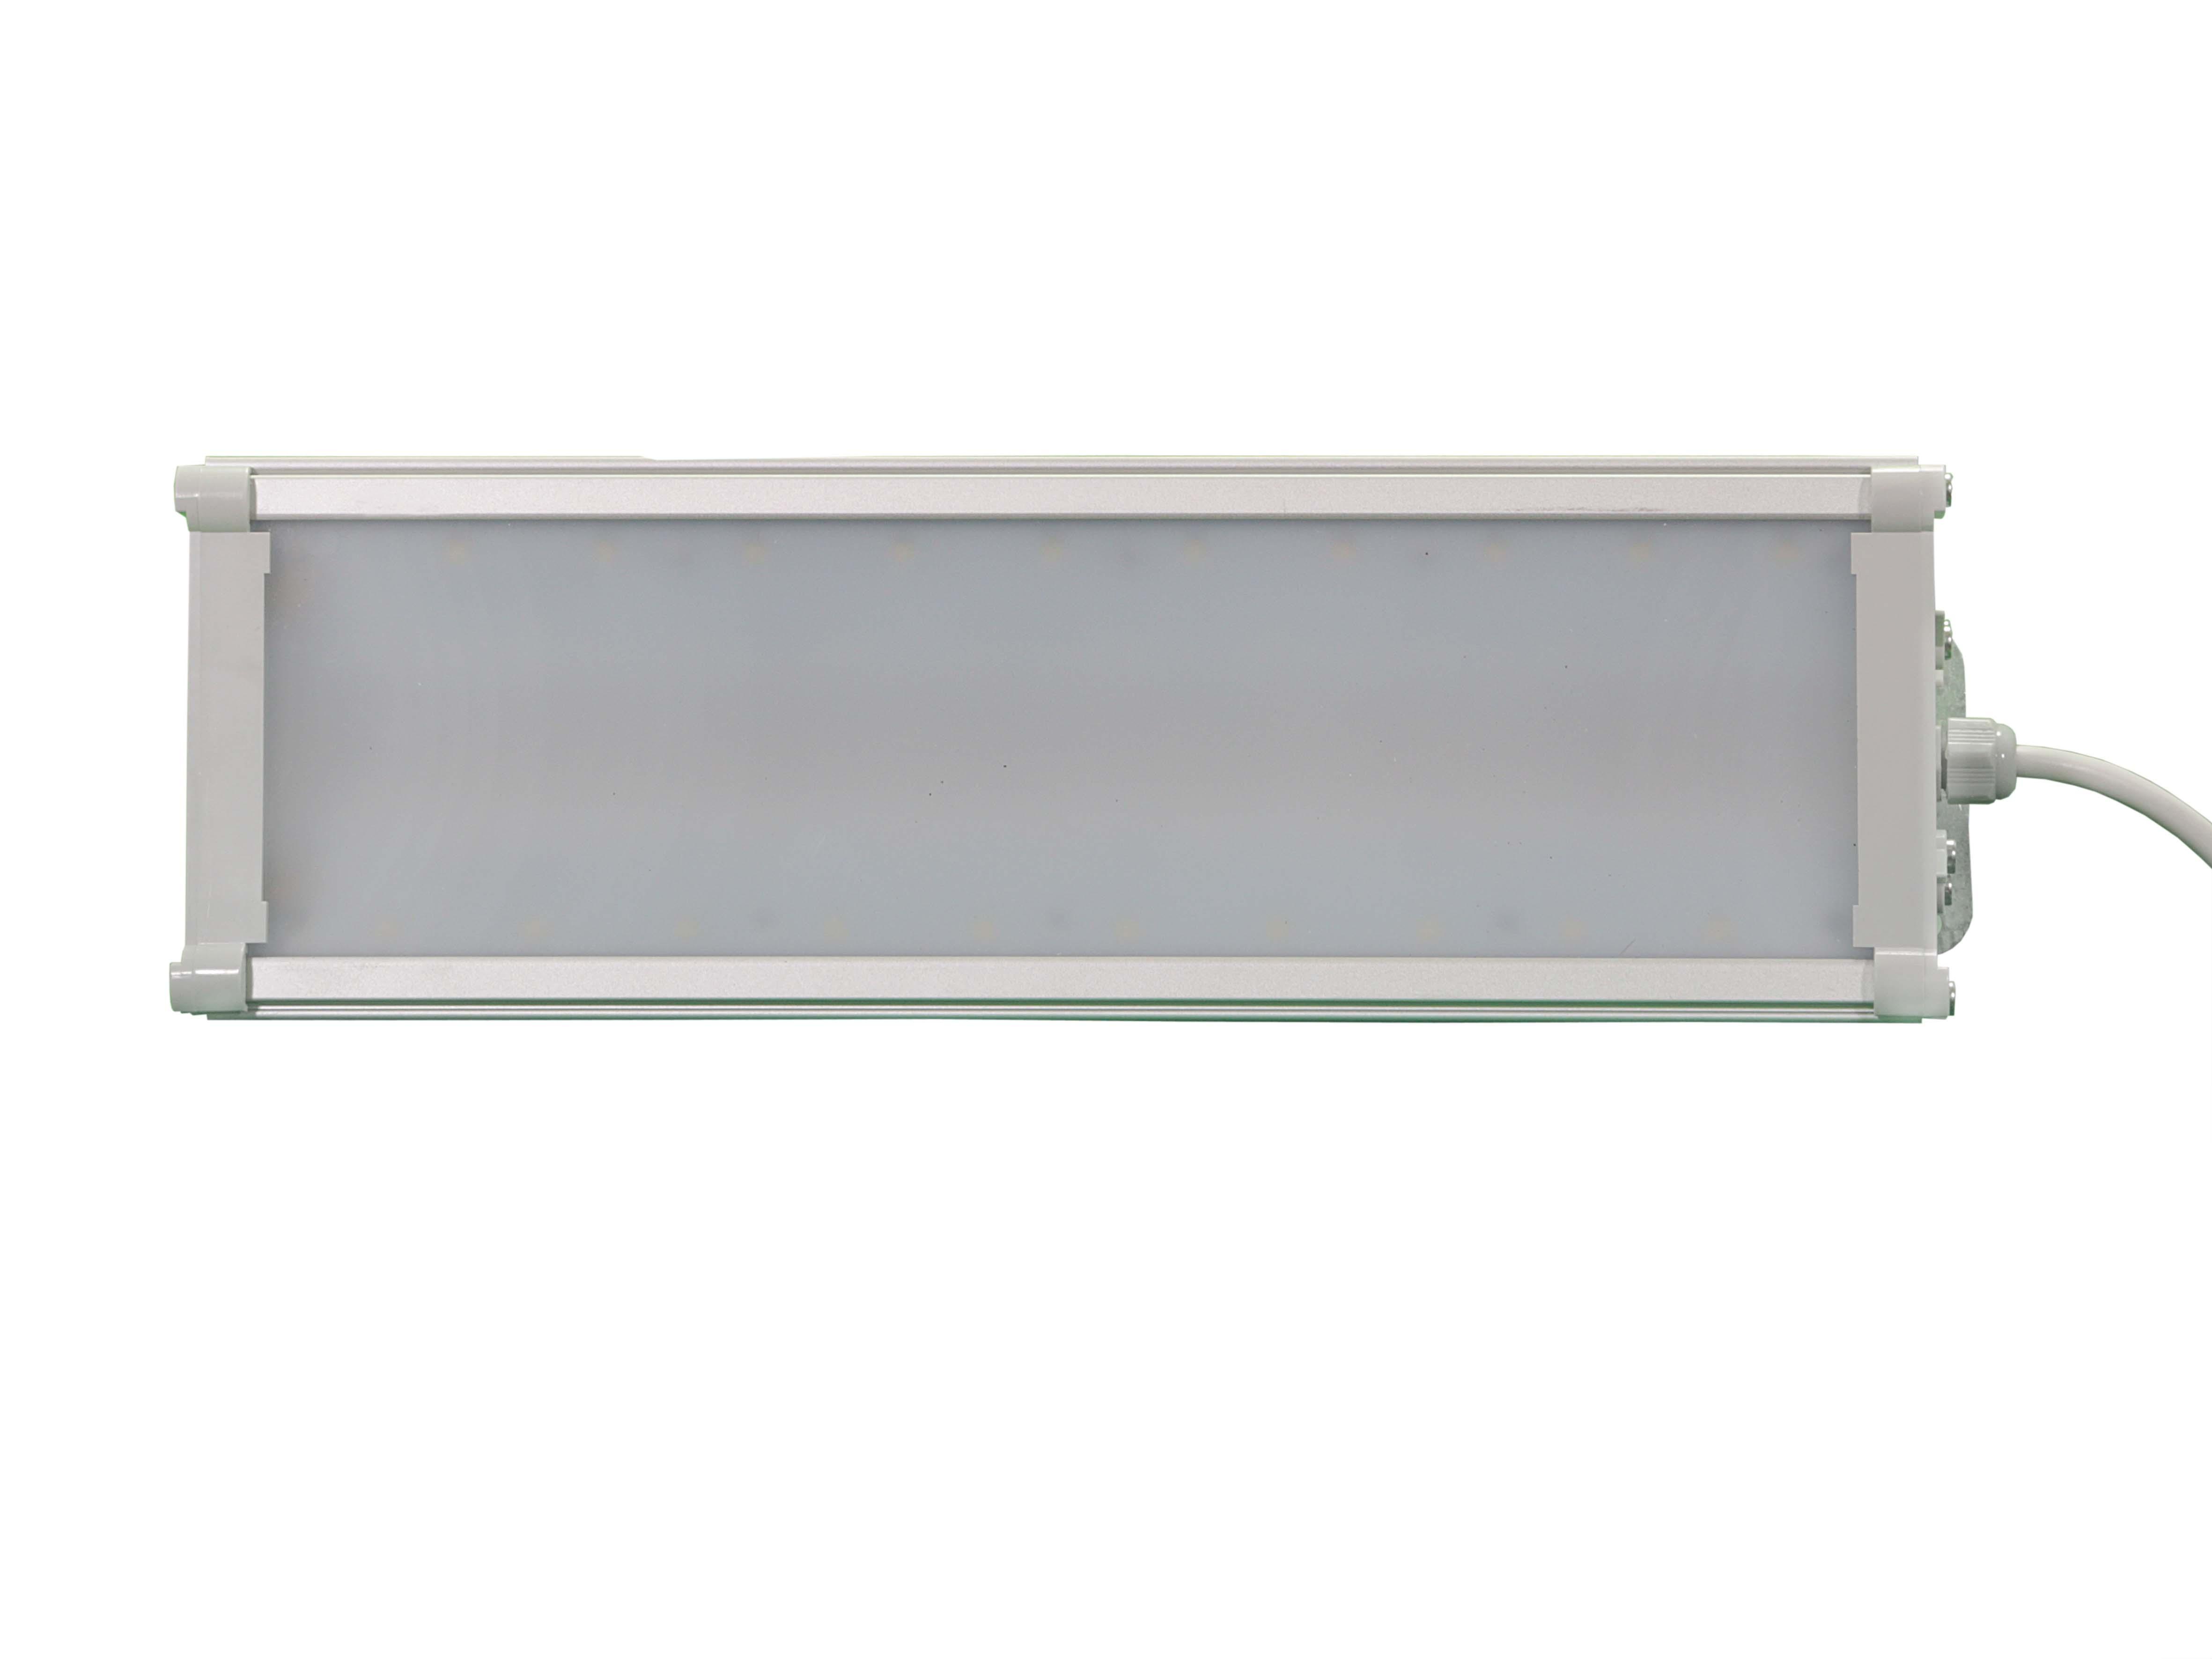 Промышленный светодиодный светильник Лайн-20 20Вт 2420Лм